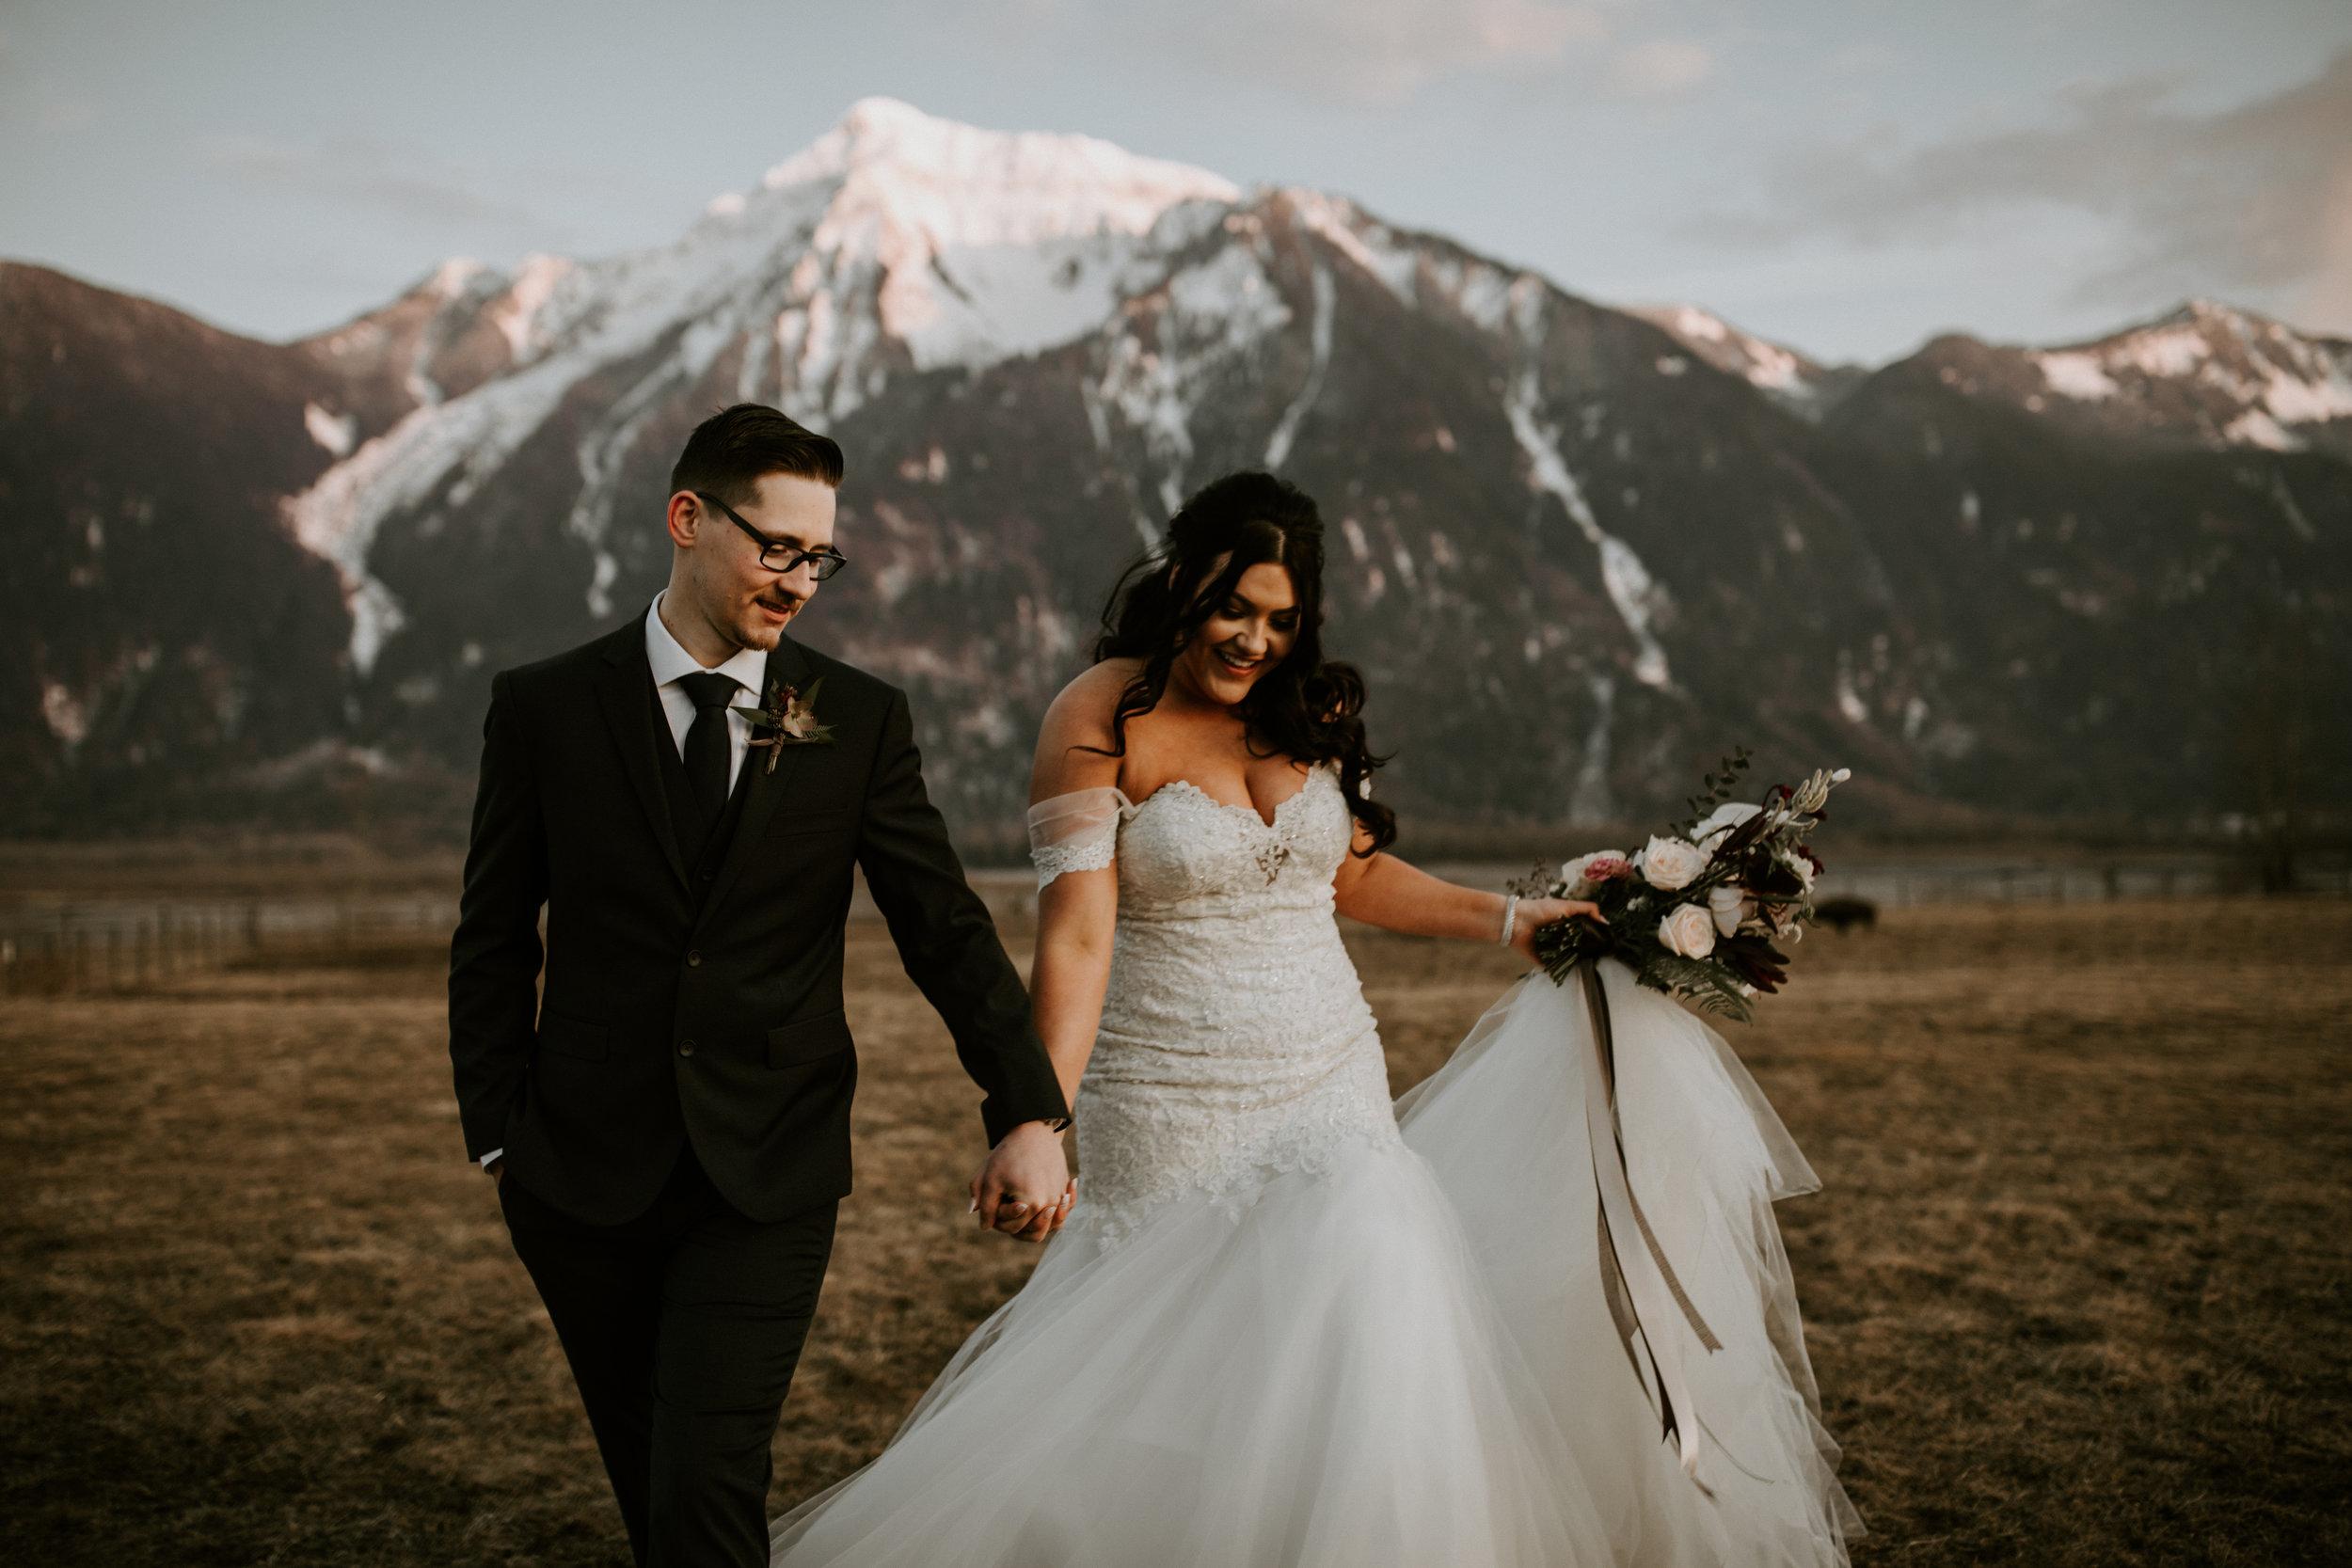 amandakevin-wedding-angelaruscheinski-579.JPG